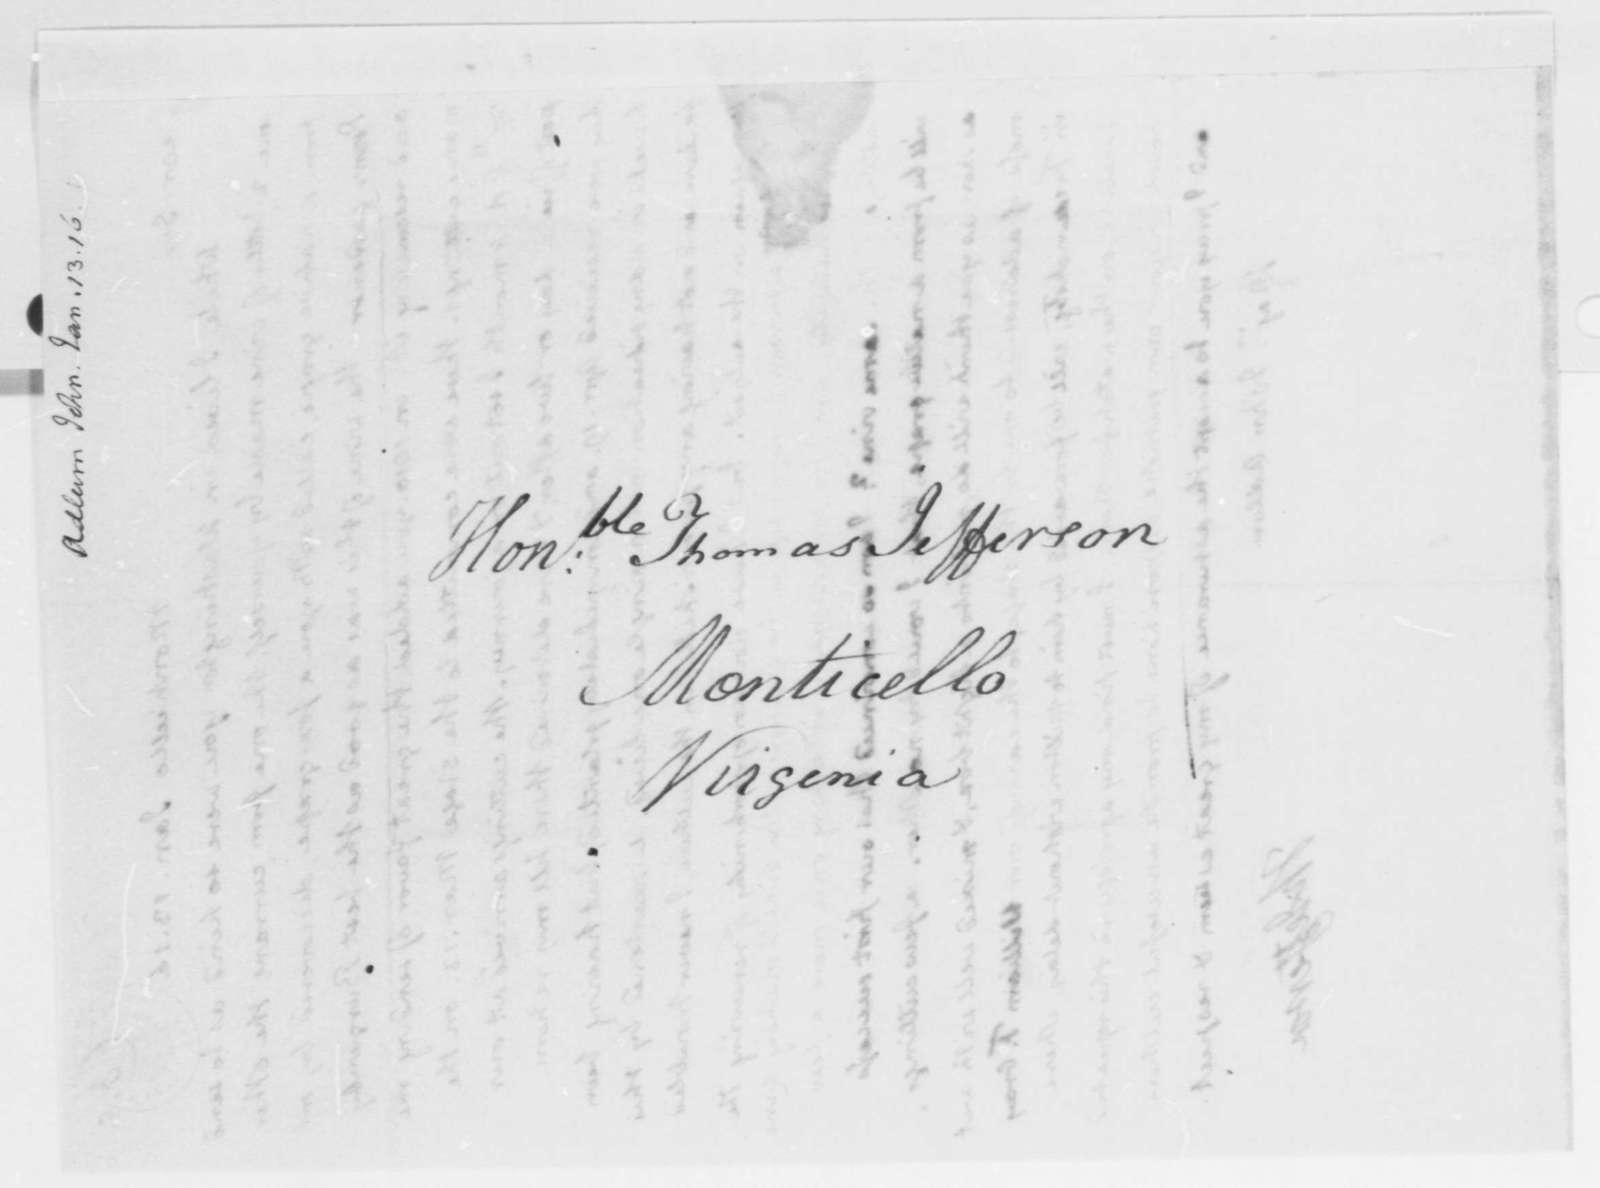 Thomas Jefferson to John Adlum, January 13, 1816